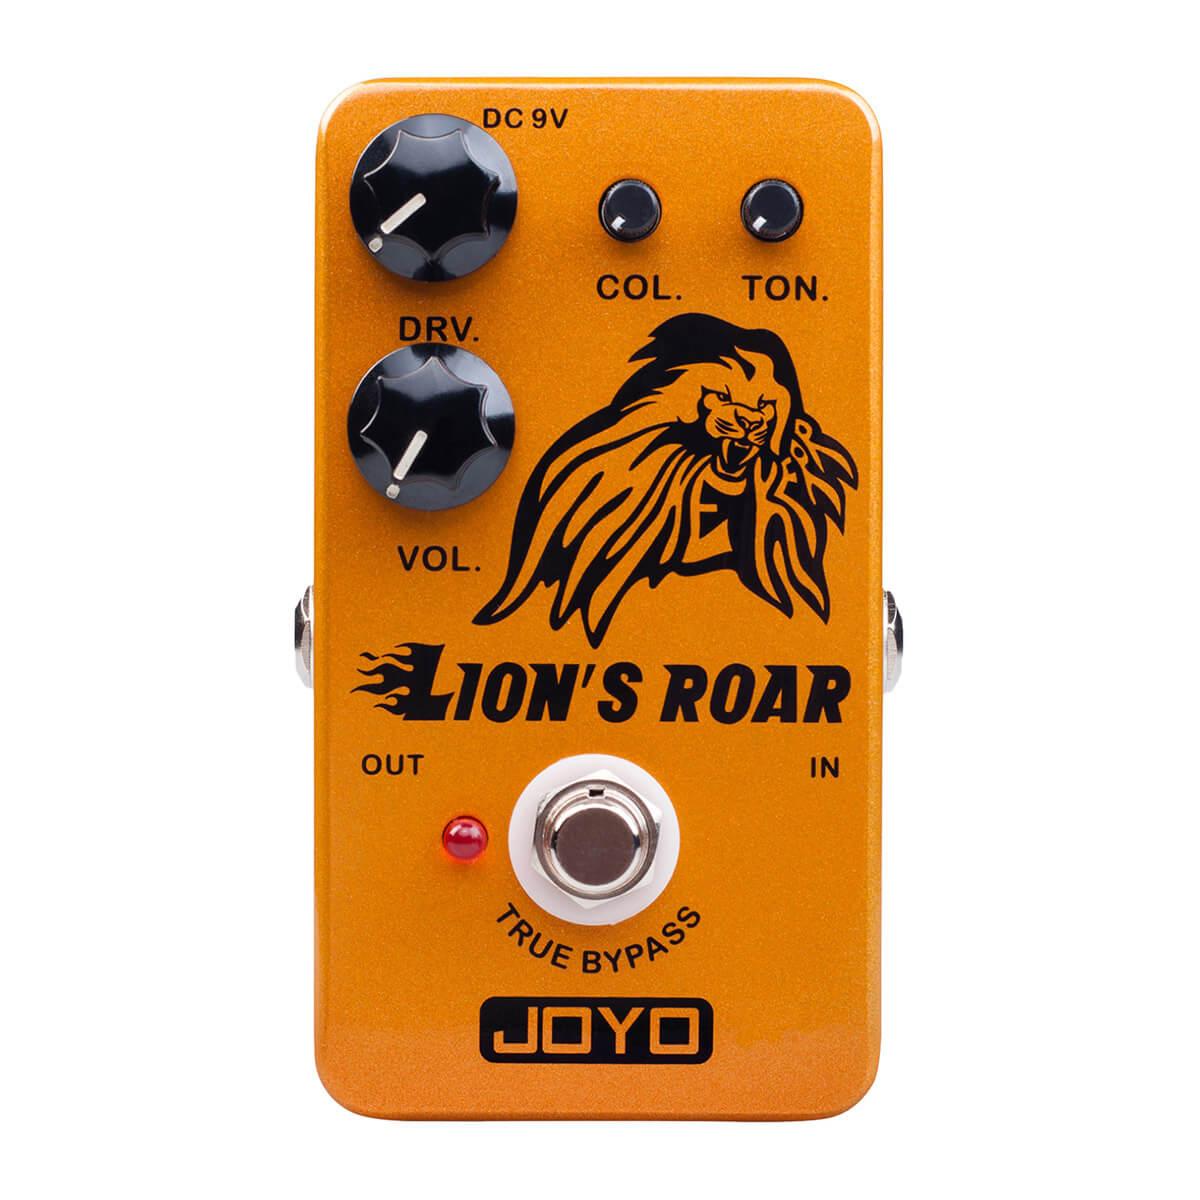 Joyo JF-MK Lions Roar guitar-effekt-pedal